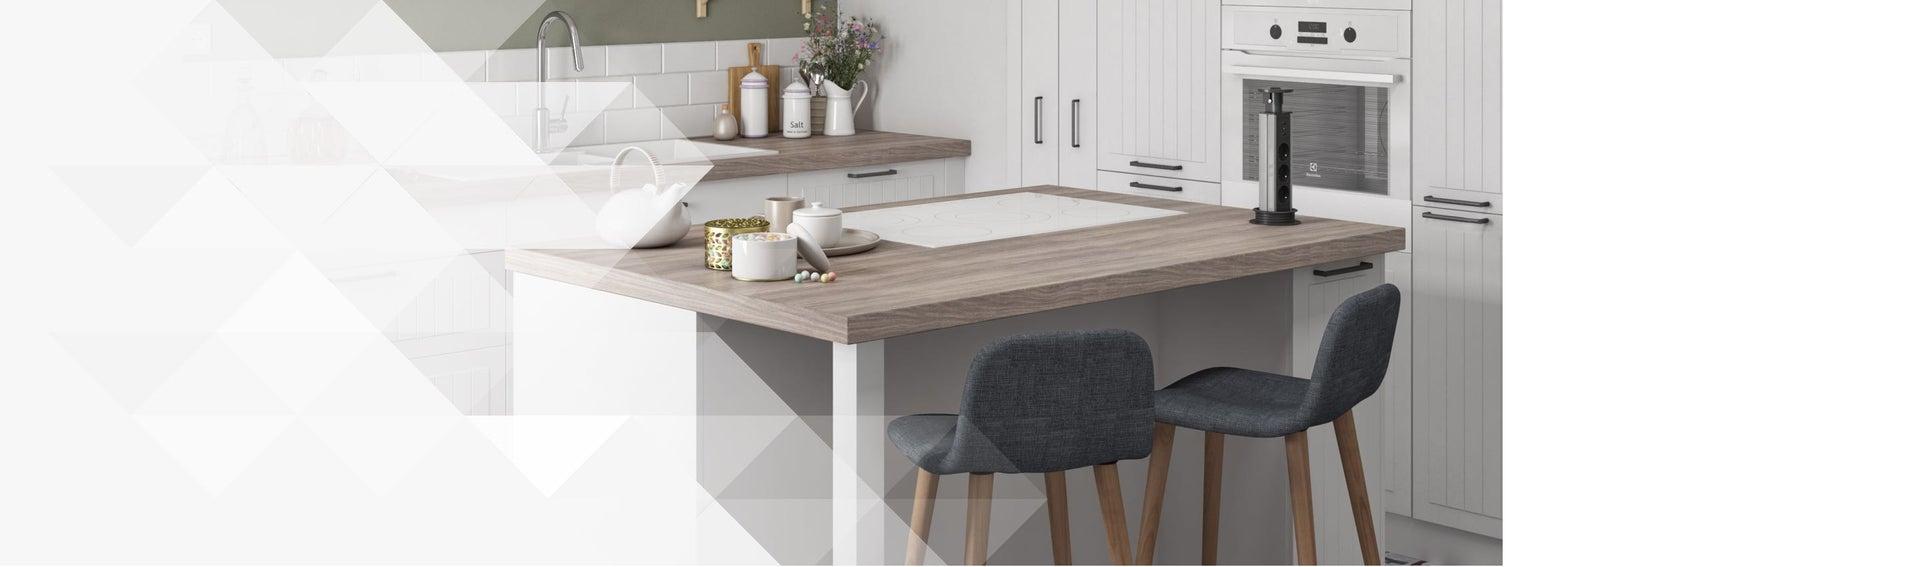 Meuble Pour Ilot Cuisine meuble de cuisine - cuisine aménagée, cuisine équipée, en